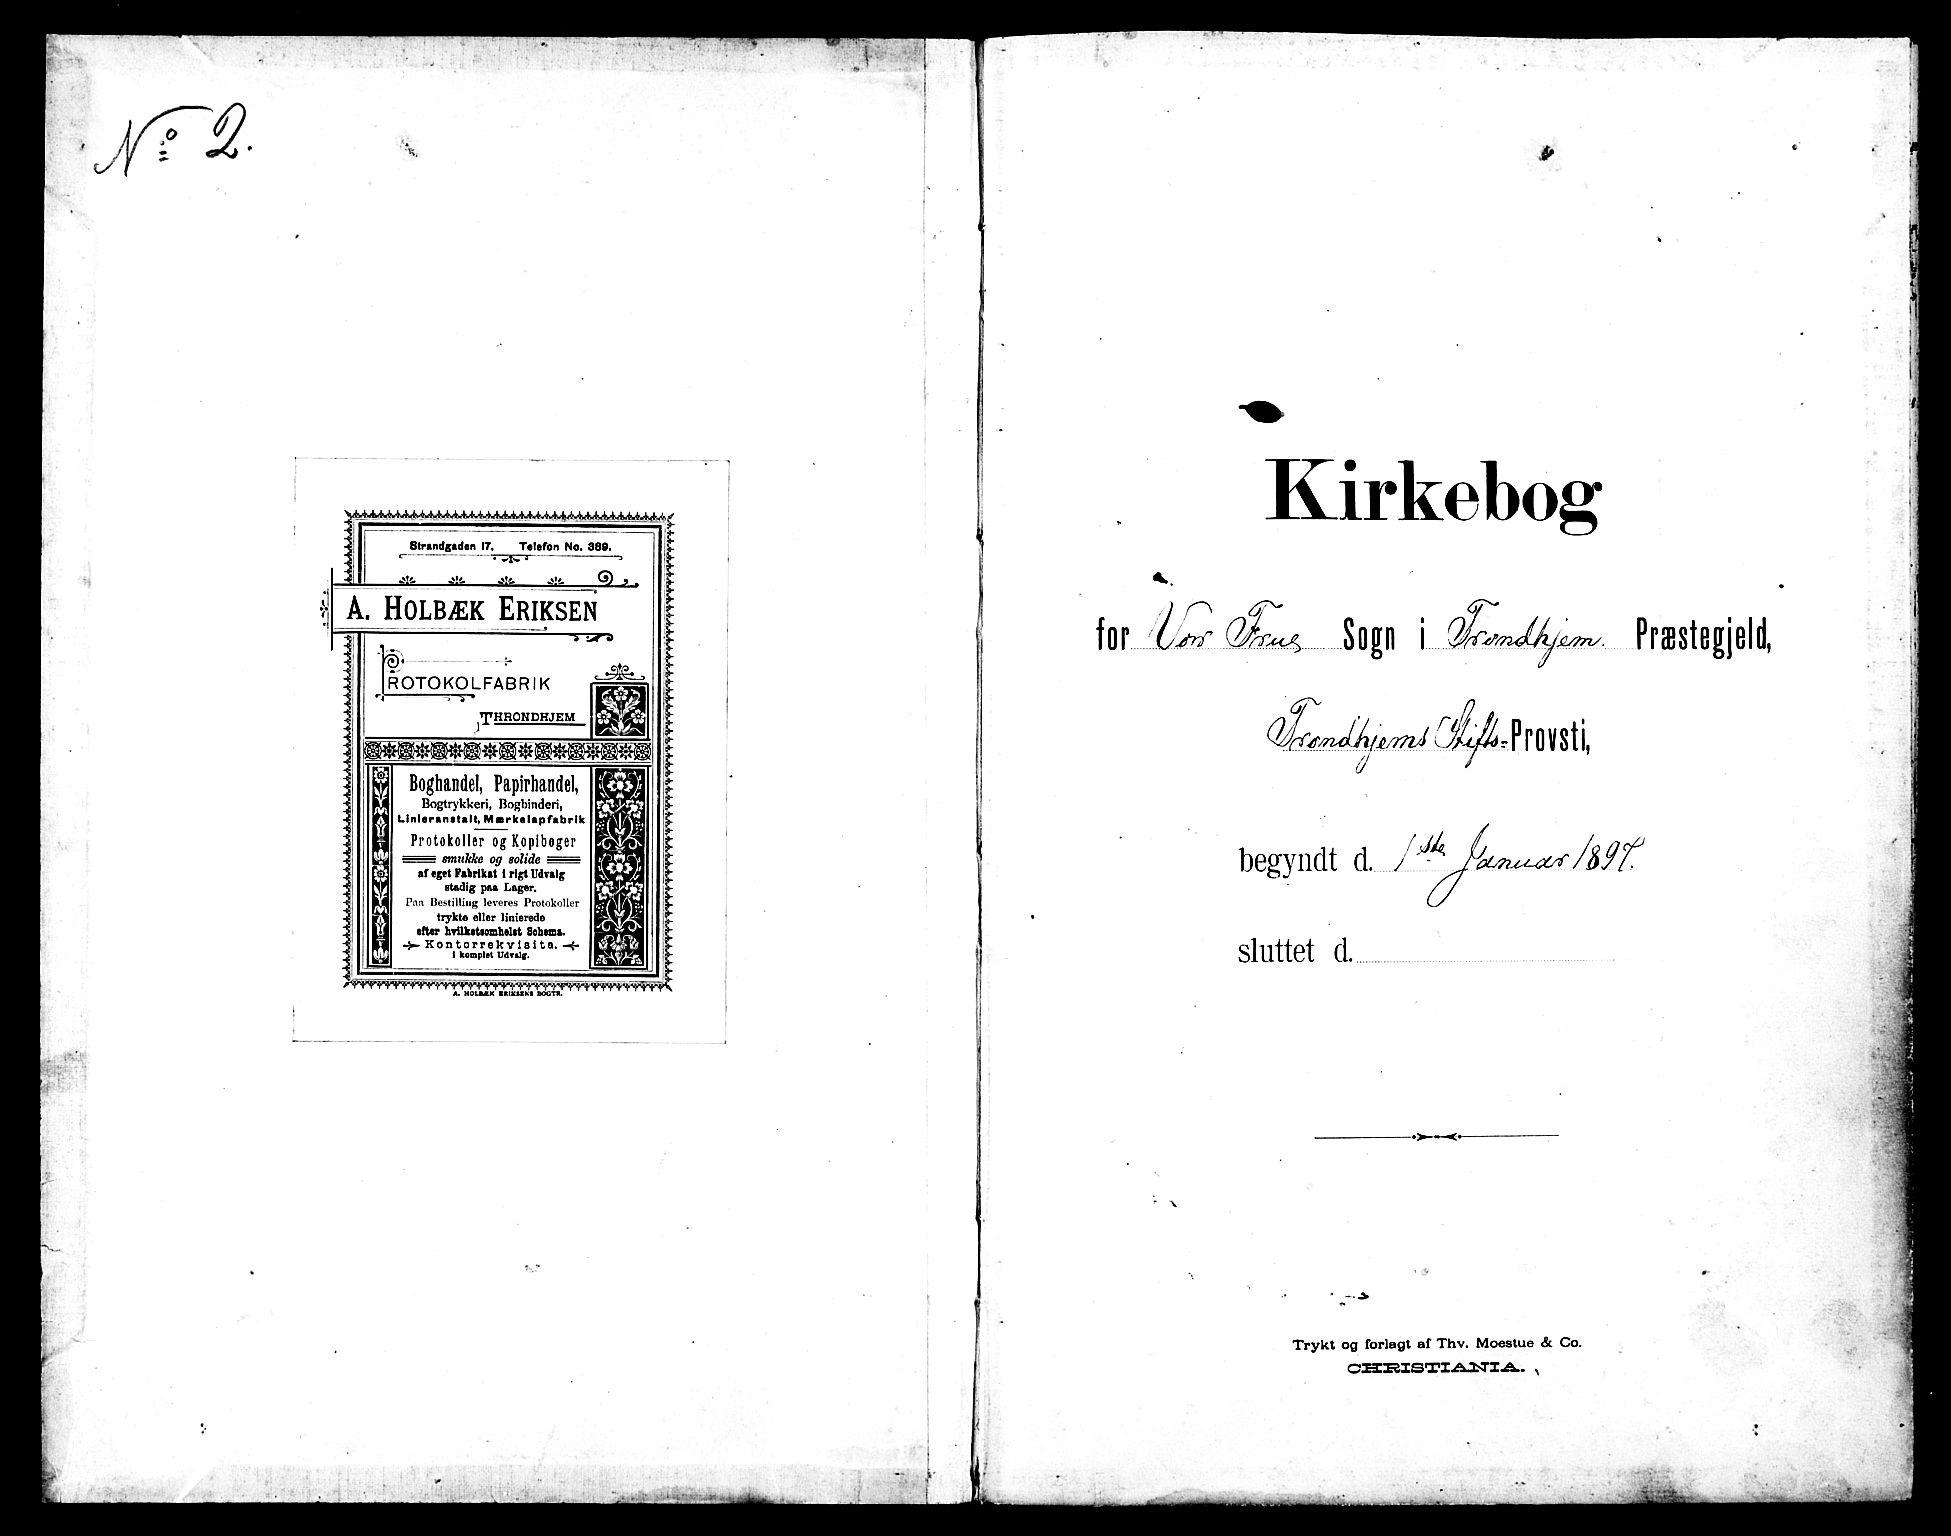 SAT, Ministerialprotokoller, klokkerbøker og fødselsregistre - Sør-Trøndelag, 602/L0144: Klokkerbok nr. 602C12, 1897-1905